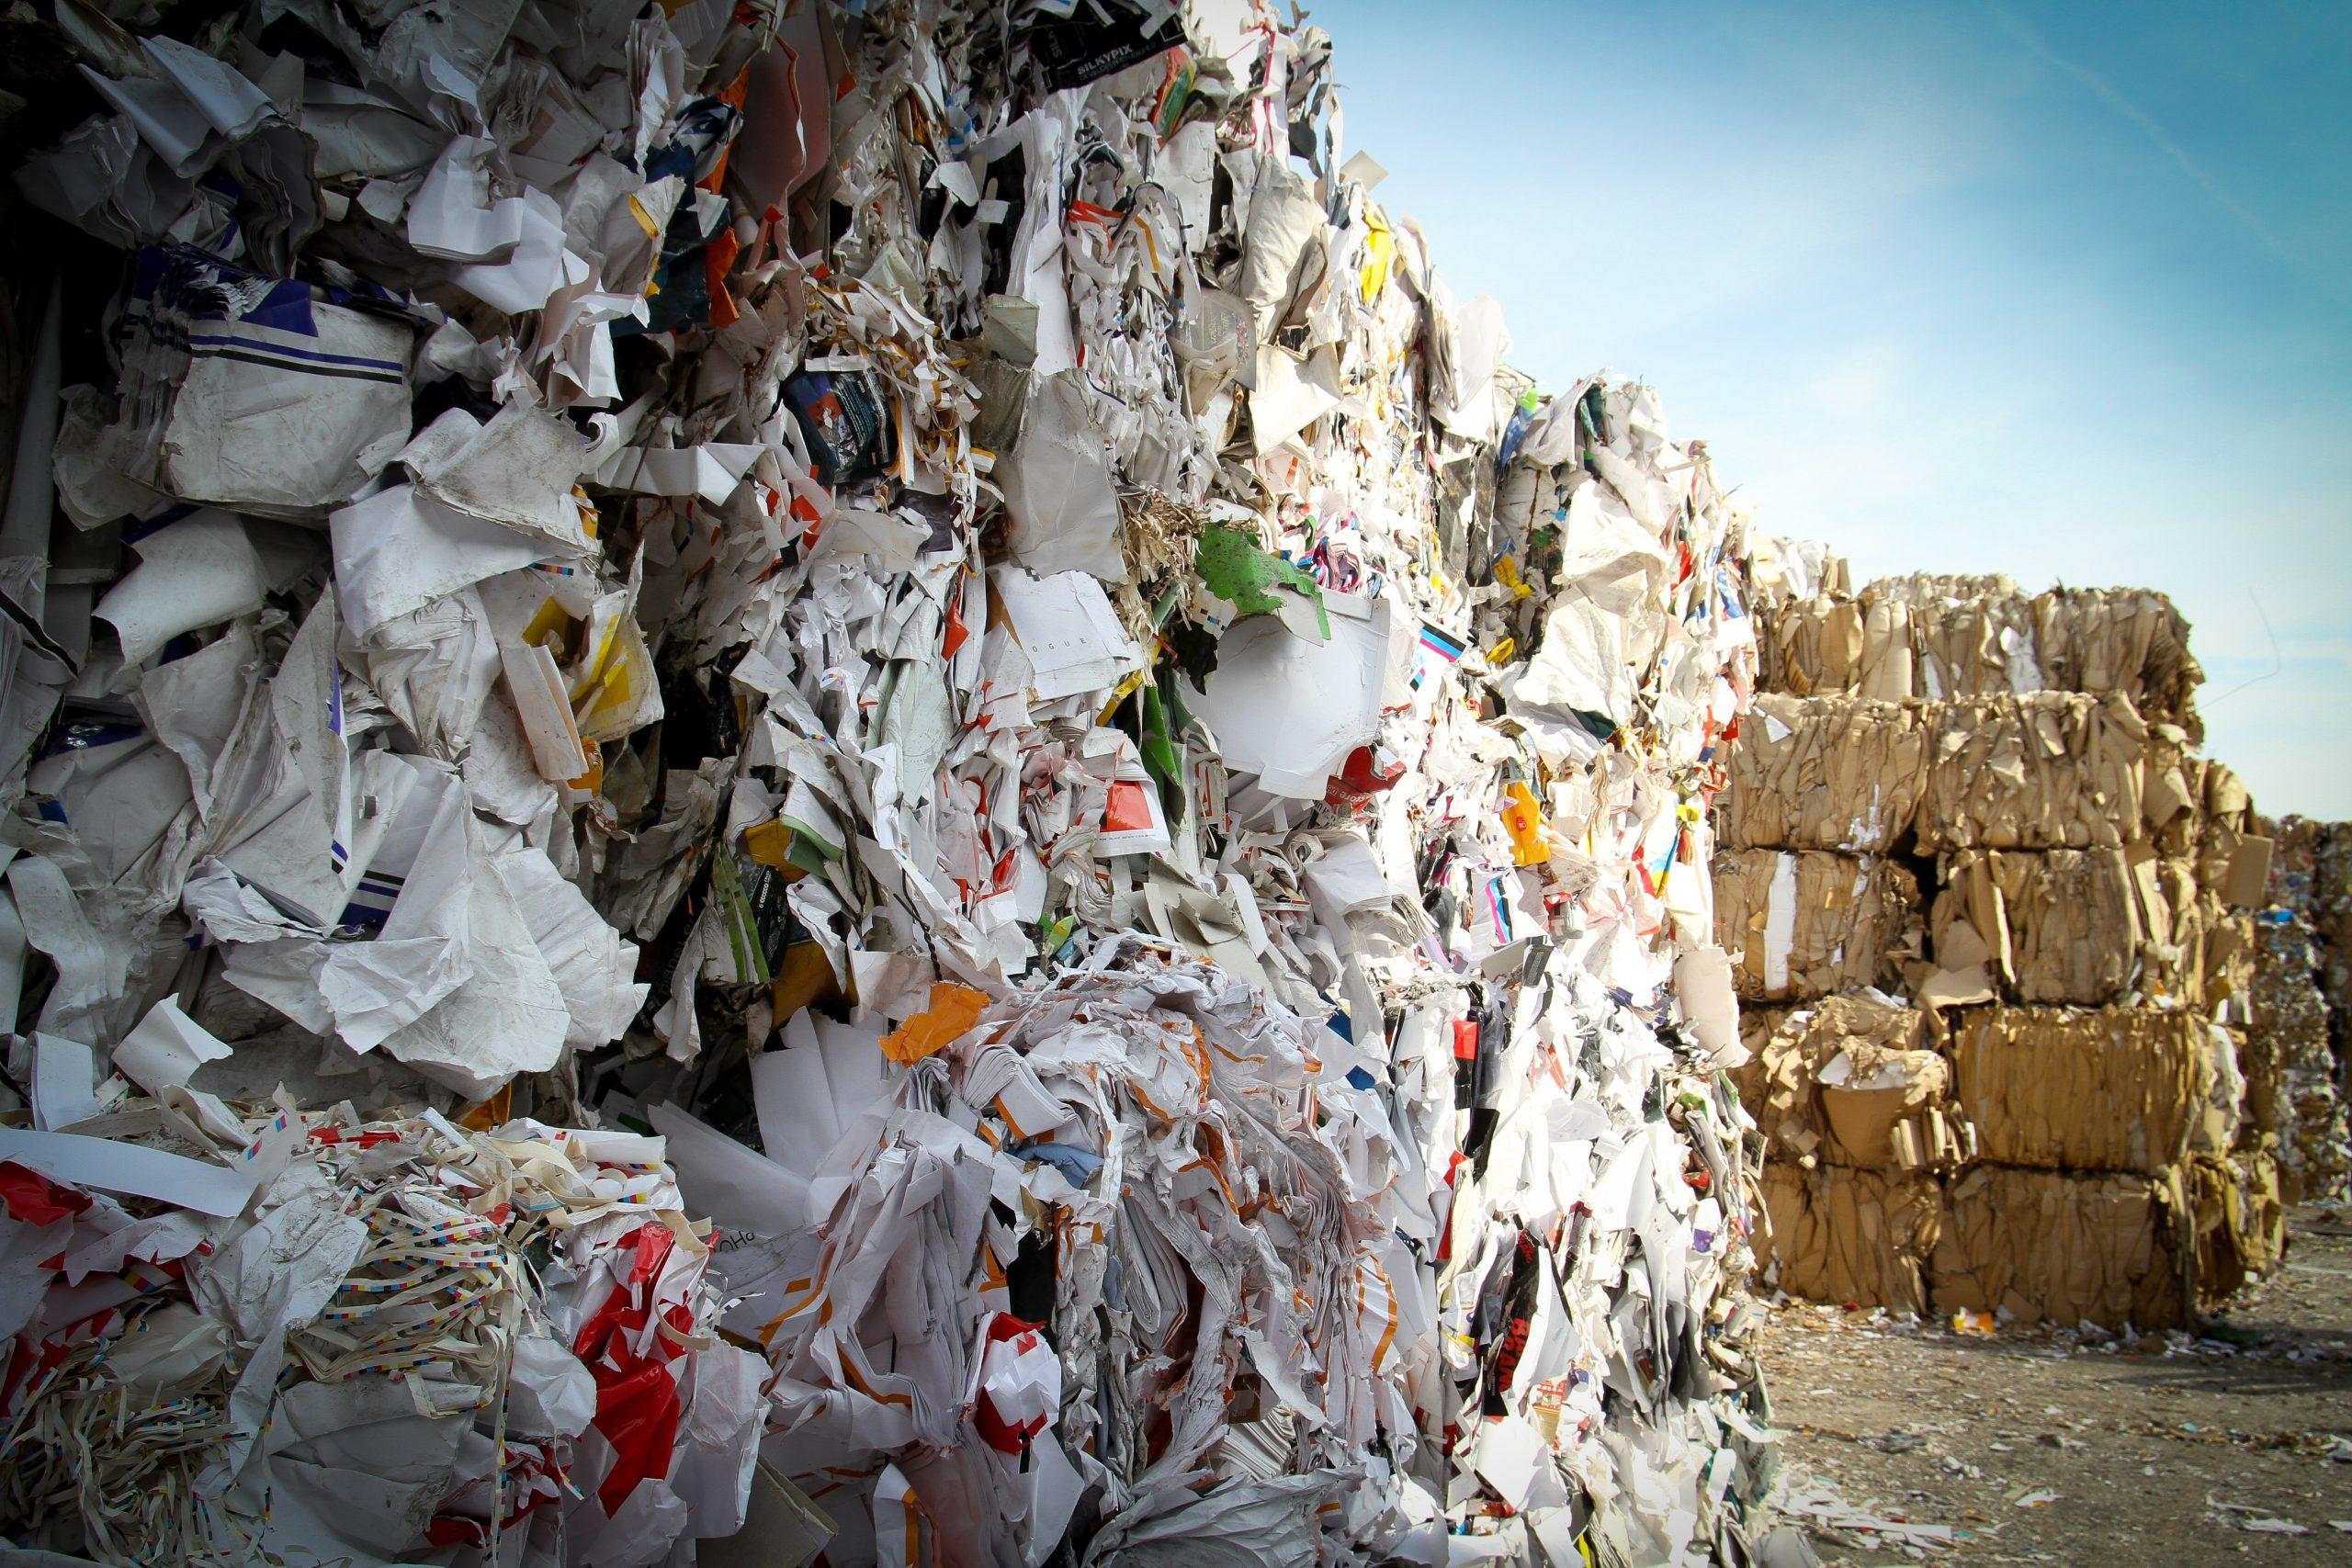 Papier stortplaats